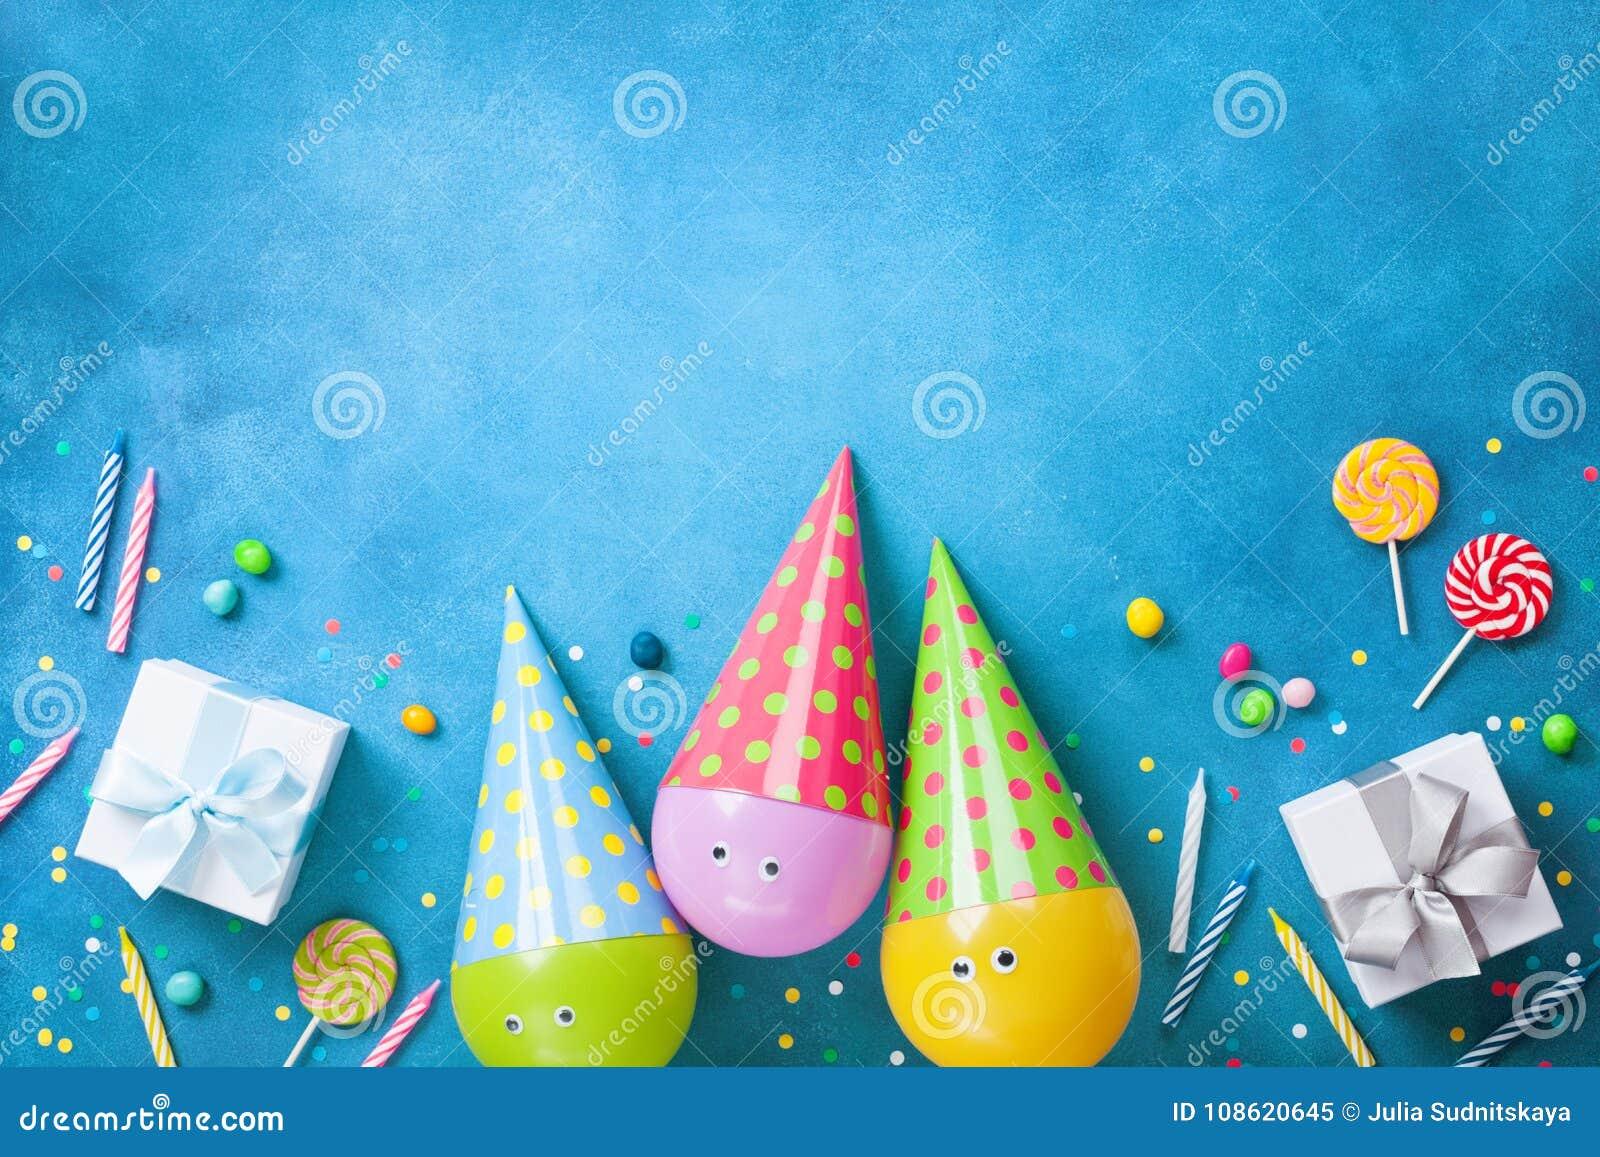 与滑稽的气球的生日背景在盖帽、礼物、五彩纸屑、糖果和蜡烛 平的位置 看板卡复制问候空间